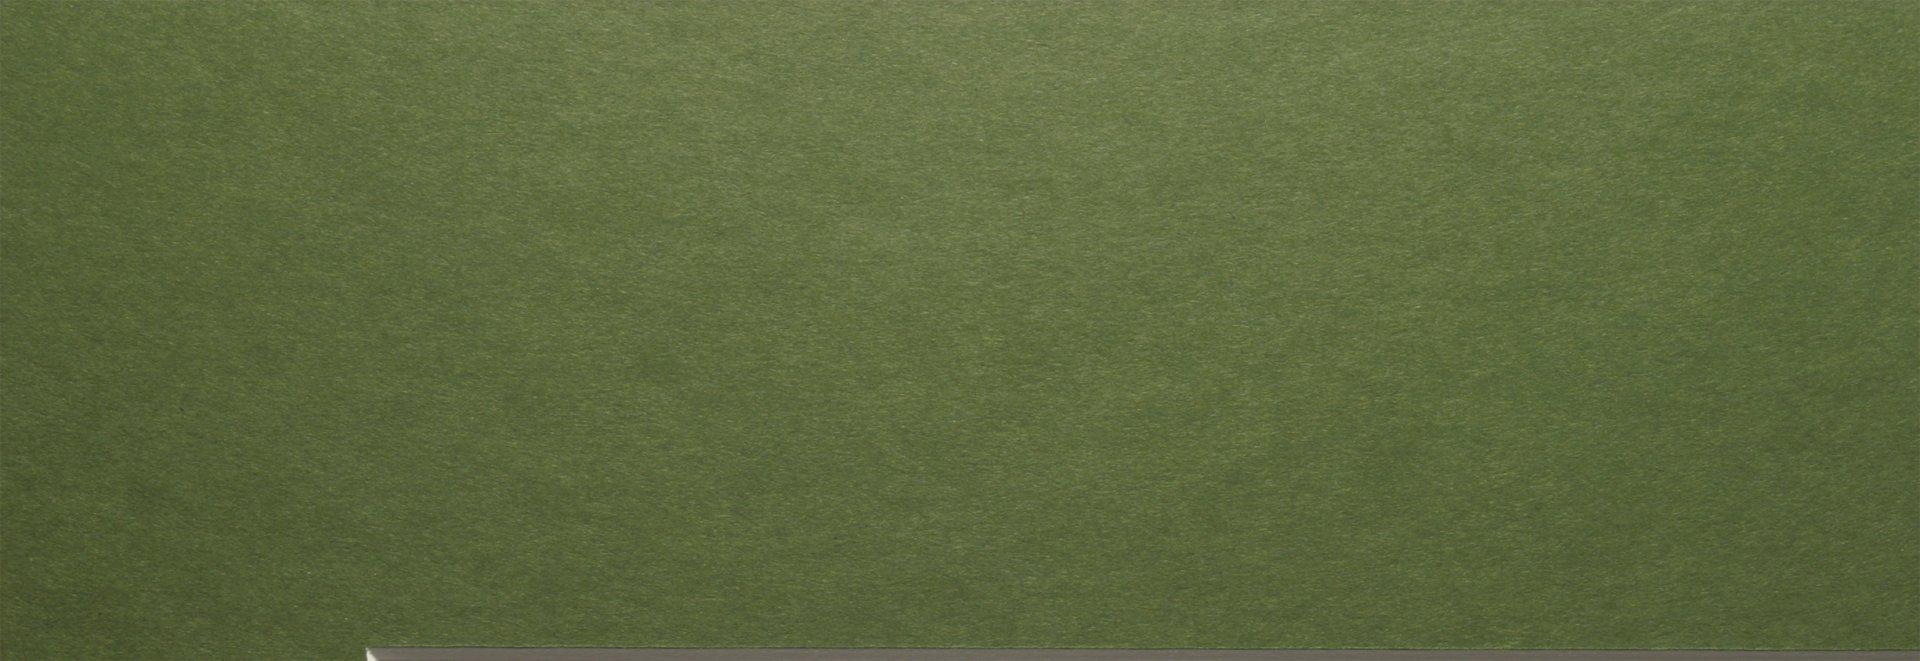 GSRM 1045 Grass Green